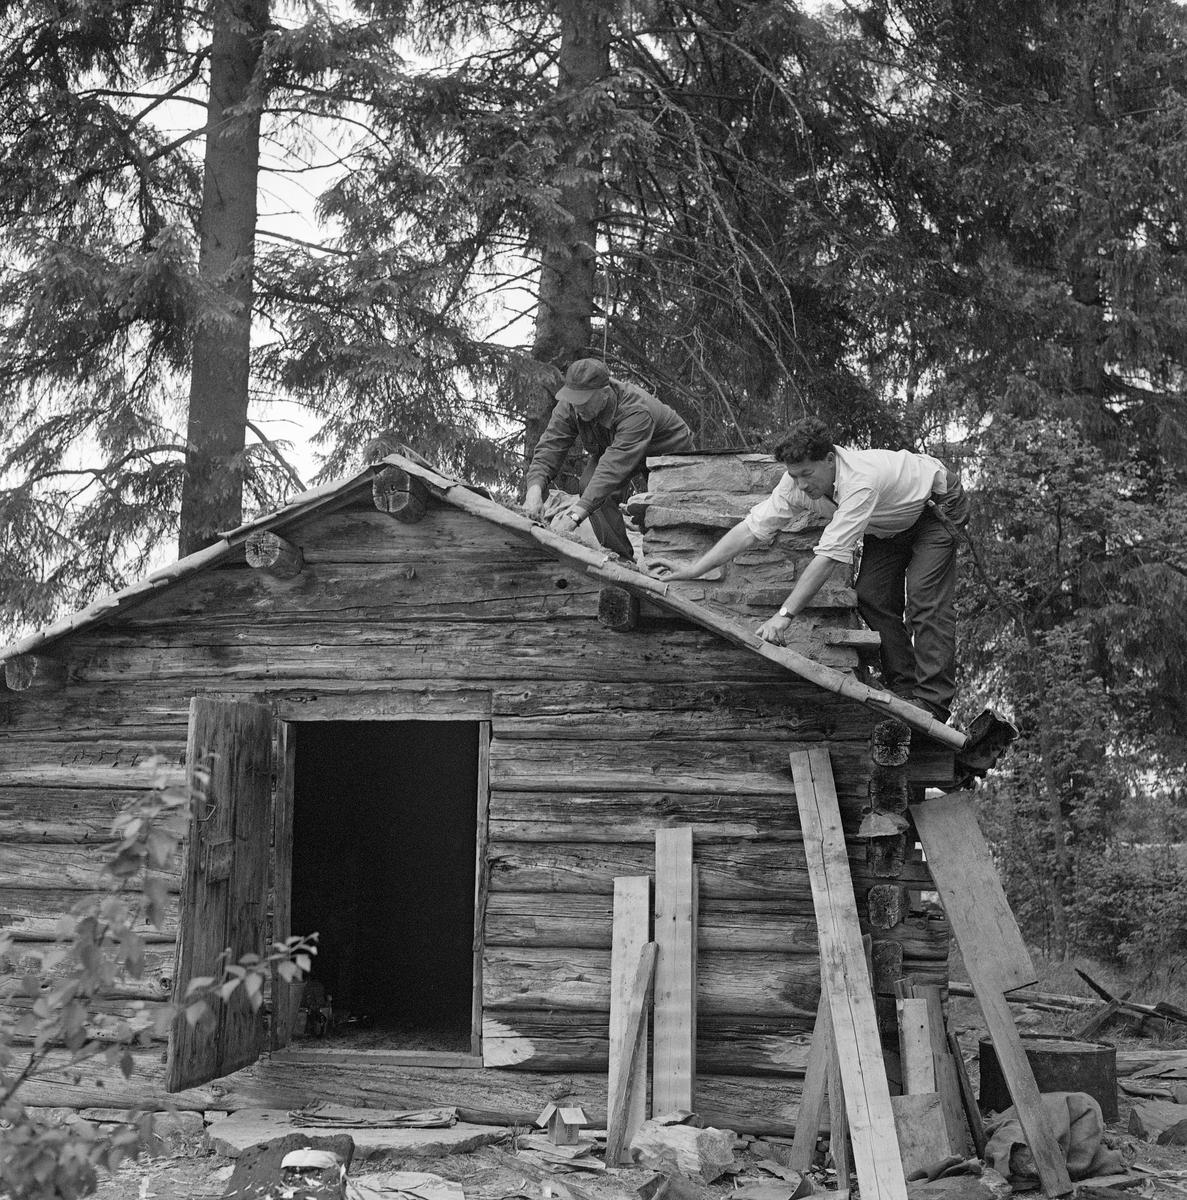 Fra gjenreisinga av Kvannstranddamkoia fra Trysil på Norsk Skogbruksmuseum sommeren 1971. Dette prosjektet ble initiert av Trygve Aasheim (1893-1975), som var museets kontaktmann i Trysil. Museet hadde på dette tidspunktet bare fem medarbeidere, og ingen av disse hadde handverkerkompetanse eller vaktmesteroppgaver. Arbeidet med å gjenreise Kvannstranddamkoia i friluftsavdelingen på Prestøya ble derfor utført av kontaktmannen og hans venn Jon Galaasen (1922-2002), riktignok med litt murerbistand fra en som kunne dette faget. Her var det sannsynligvis Galaasen (til høyre) som la never på taket. Hvem som sto bøyd på oversida av den samme pipa med lueskyggen over ansiktet er det vanskeligere å se.   Kvannstranddamkoia er om lag 4,5 meter lang og 3,8 meter bred, og har med andre ord ei grunnflate på 17,5 kvadratmeter. Den har dør i den ene gavlveggen og dør i den andre. Inne i koierommet er det en gråsteinsmurt peis i hjørnet til høyre innenfor døra. Ellers har den veggefaste brisker med spisebord foran langs de indre veggene. Vis a vis peisen finner vi et uvanlig koiemøbel: Ei seng, som skal ha vært innsatt da disponenten i Mölnbacka-Trysil, Axel Mörner, skulle komme på overnattingsbesøk. Fotografier som ble tatt før Kvannstranddamkoia ble demontert for flytting til museet viser at den da hadde bølgeblikktak, muligens med et gammelt stikketak under. På museet ble den gjenreist med tretak, lagd av impregnerte halvkløvninger. Vi vet ikke bakgrunnen for at dette valget ble gjort, og det er usikkert om det fantes noen tradisjon for slike kavletak i Trysil. Bølgeblikktekket koia hadde hatt de siste åra den sto ved Kvannstranddammen ble sannsynligvis oppfattet som et nyere element, som harmonerte dårlig med en oppfatning om at huset var bygd på midten av 1880-tallet, eller kanskje til og med 10-15 år tidligere. På denne bakgrunnen kan karene ha følt at det var riktigst å gi koia et tretak da den ble gjenreist på museet. Langs takets ytterkanter ble det lagt never, som ofte bl